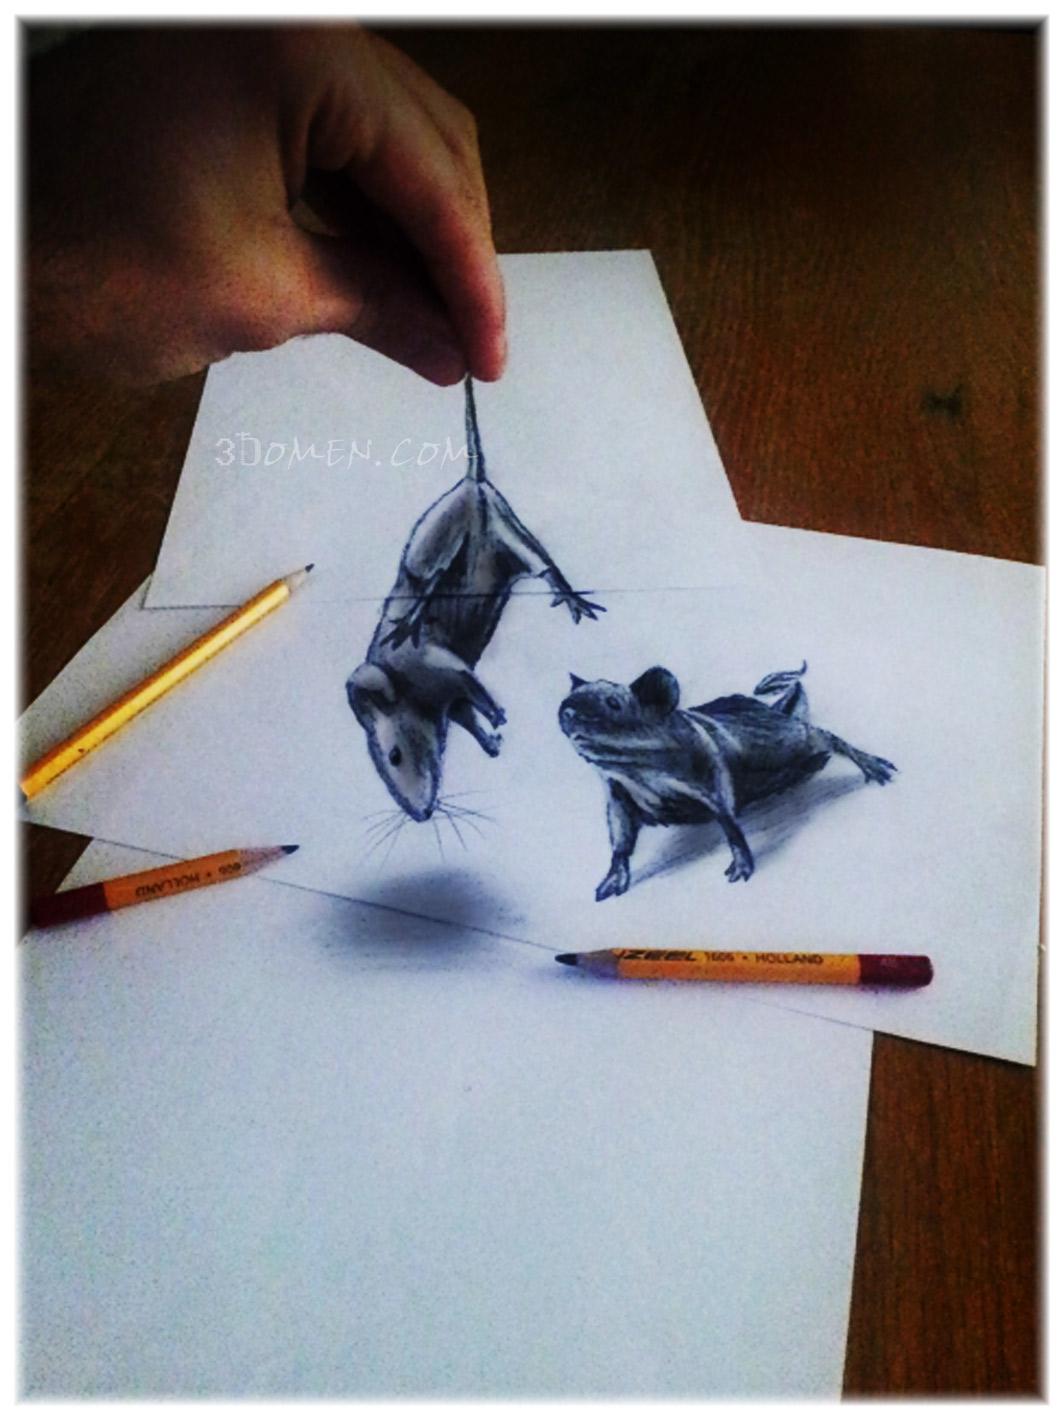 Impresionare dibujos con efecto 3d en simples hojas de papel for Papel para dibujar